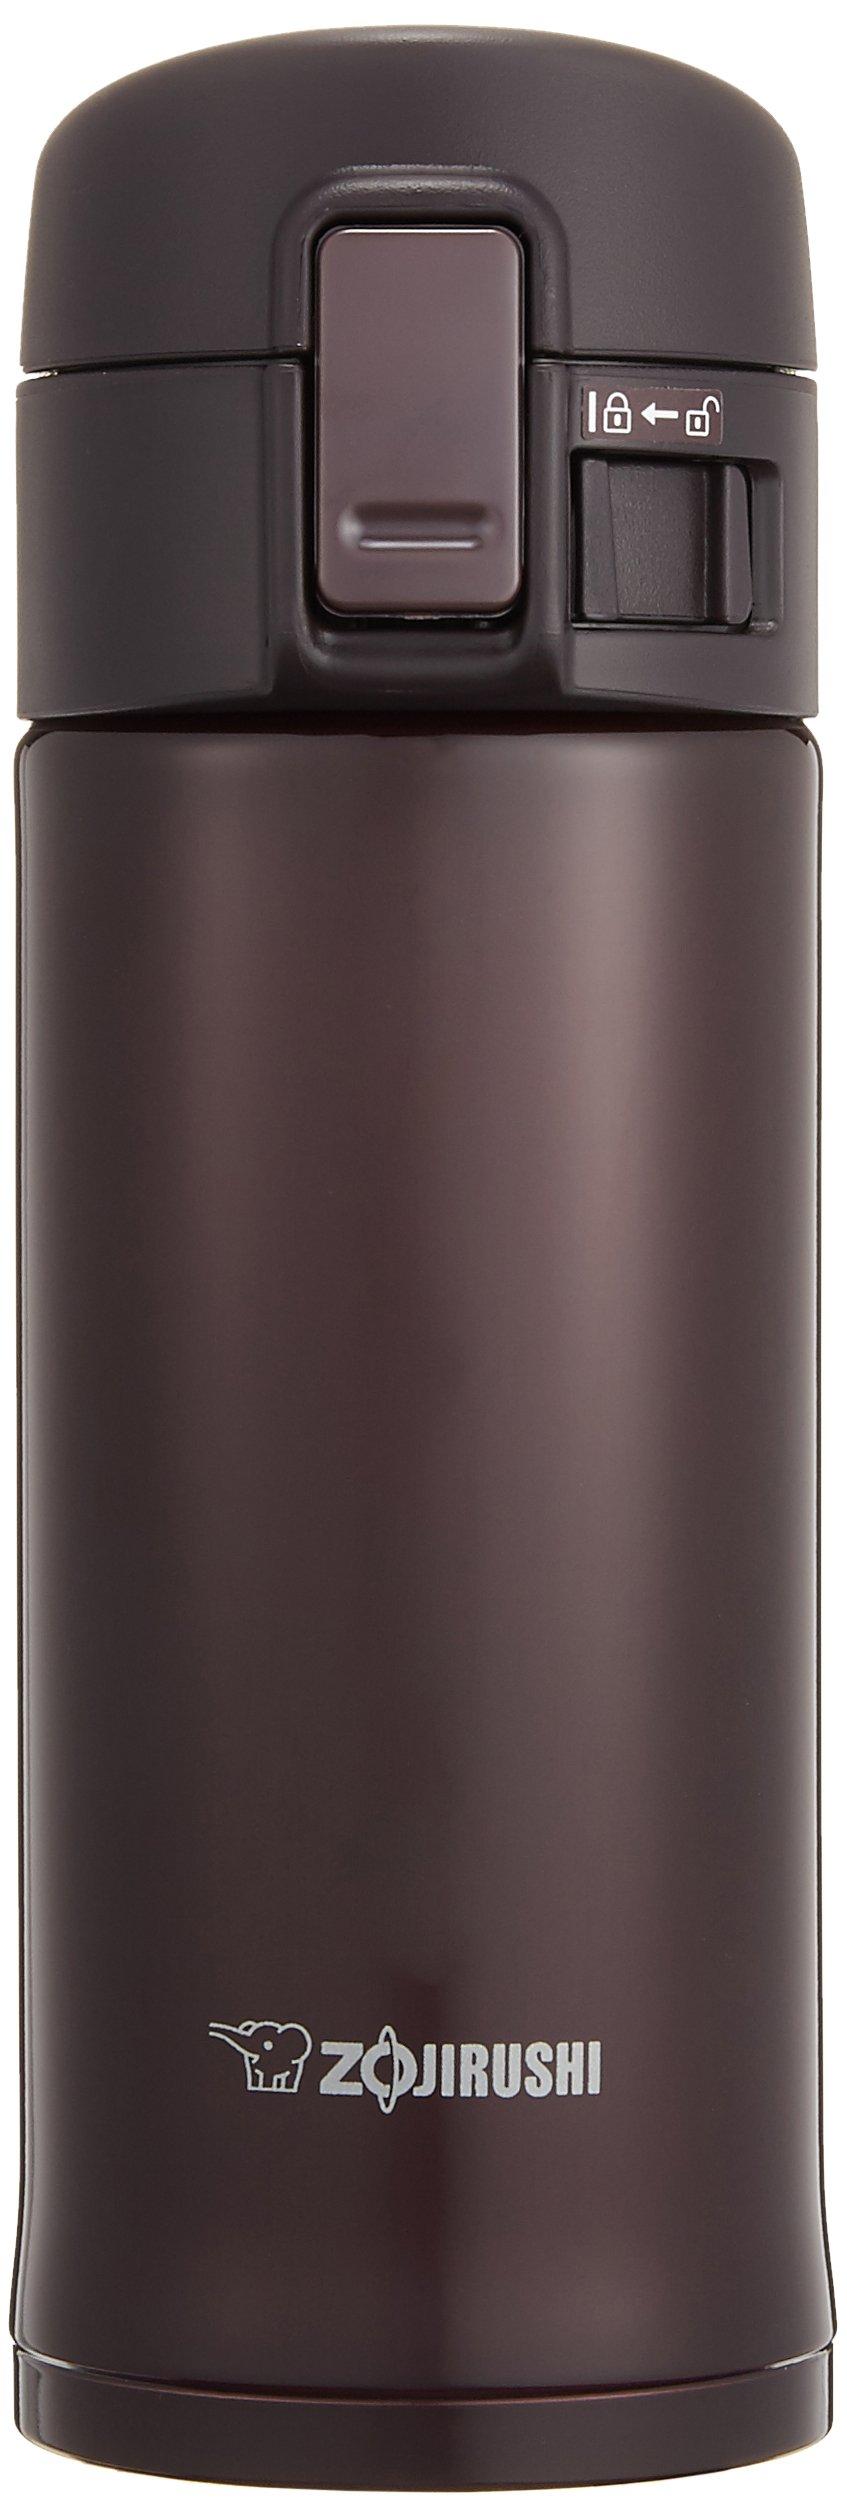 Zojirushi SM-KC36 Stainless Mug, Bordeaux